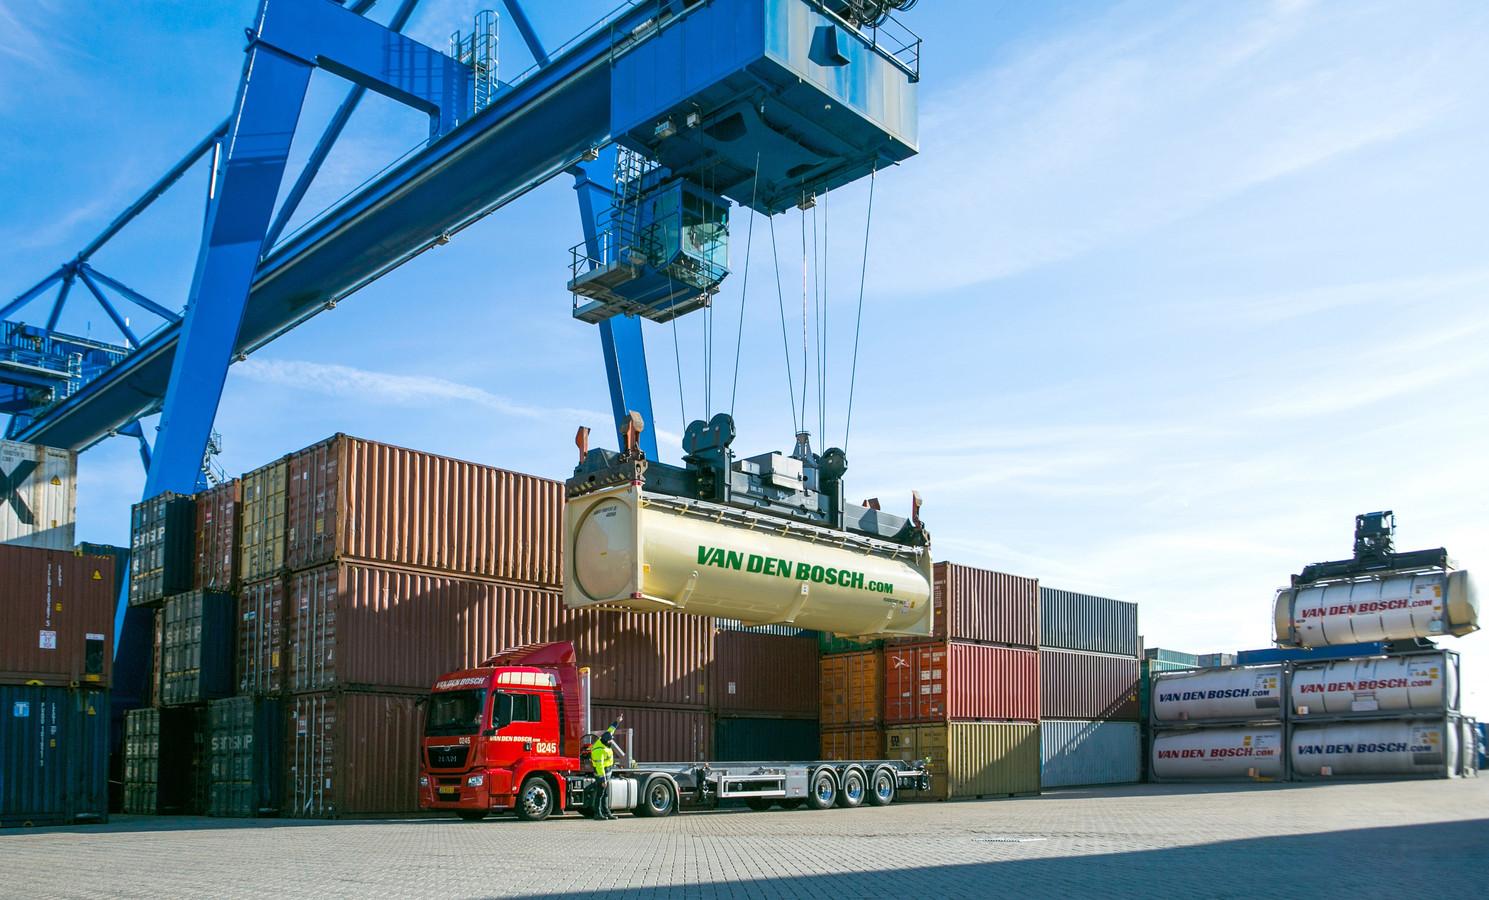 Van den Bosch uit Erp is gespecialiseerd in het transport van bulkgoederen.